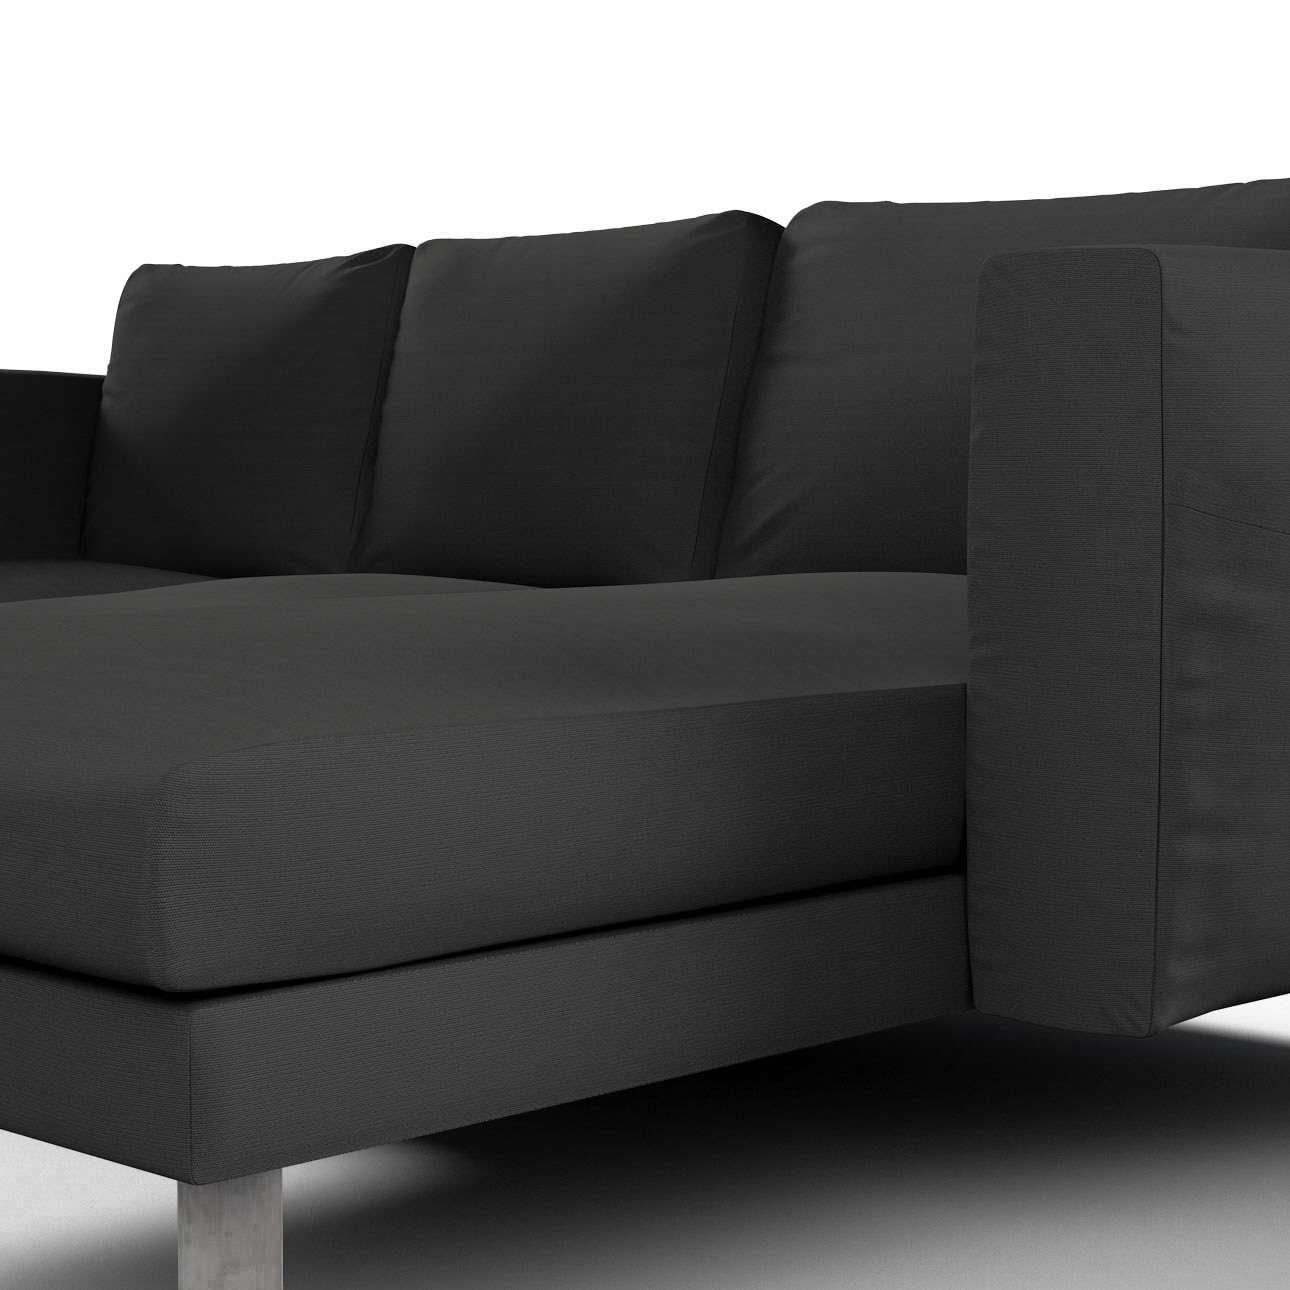 Pokrowiec na sofę Norsborg 3-osobową z szezlongiem w kolekcji Cotton Panama, tkanina: 702-08